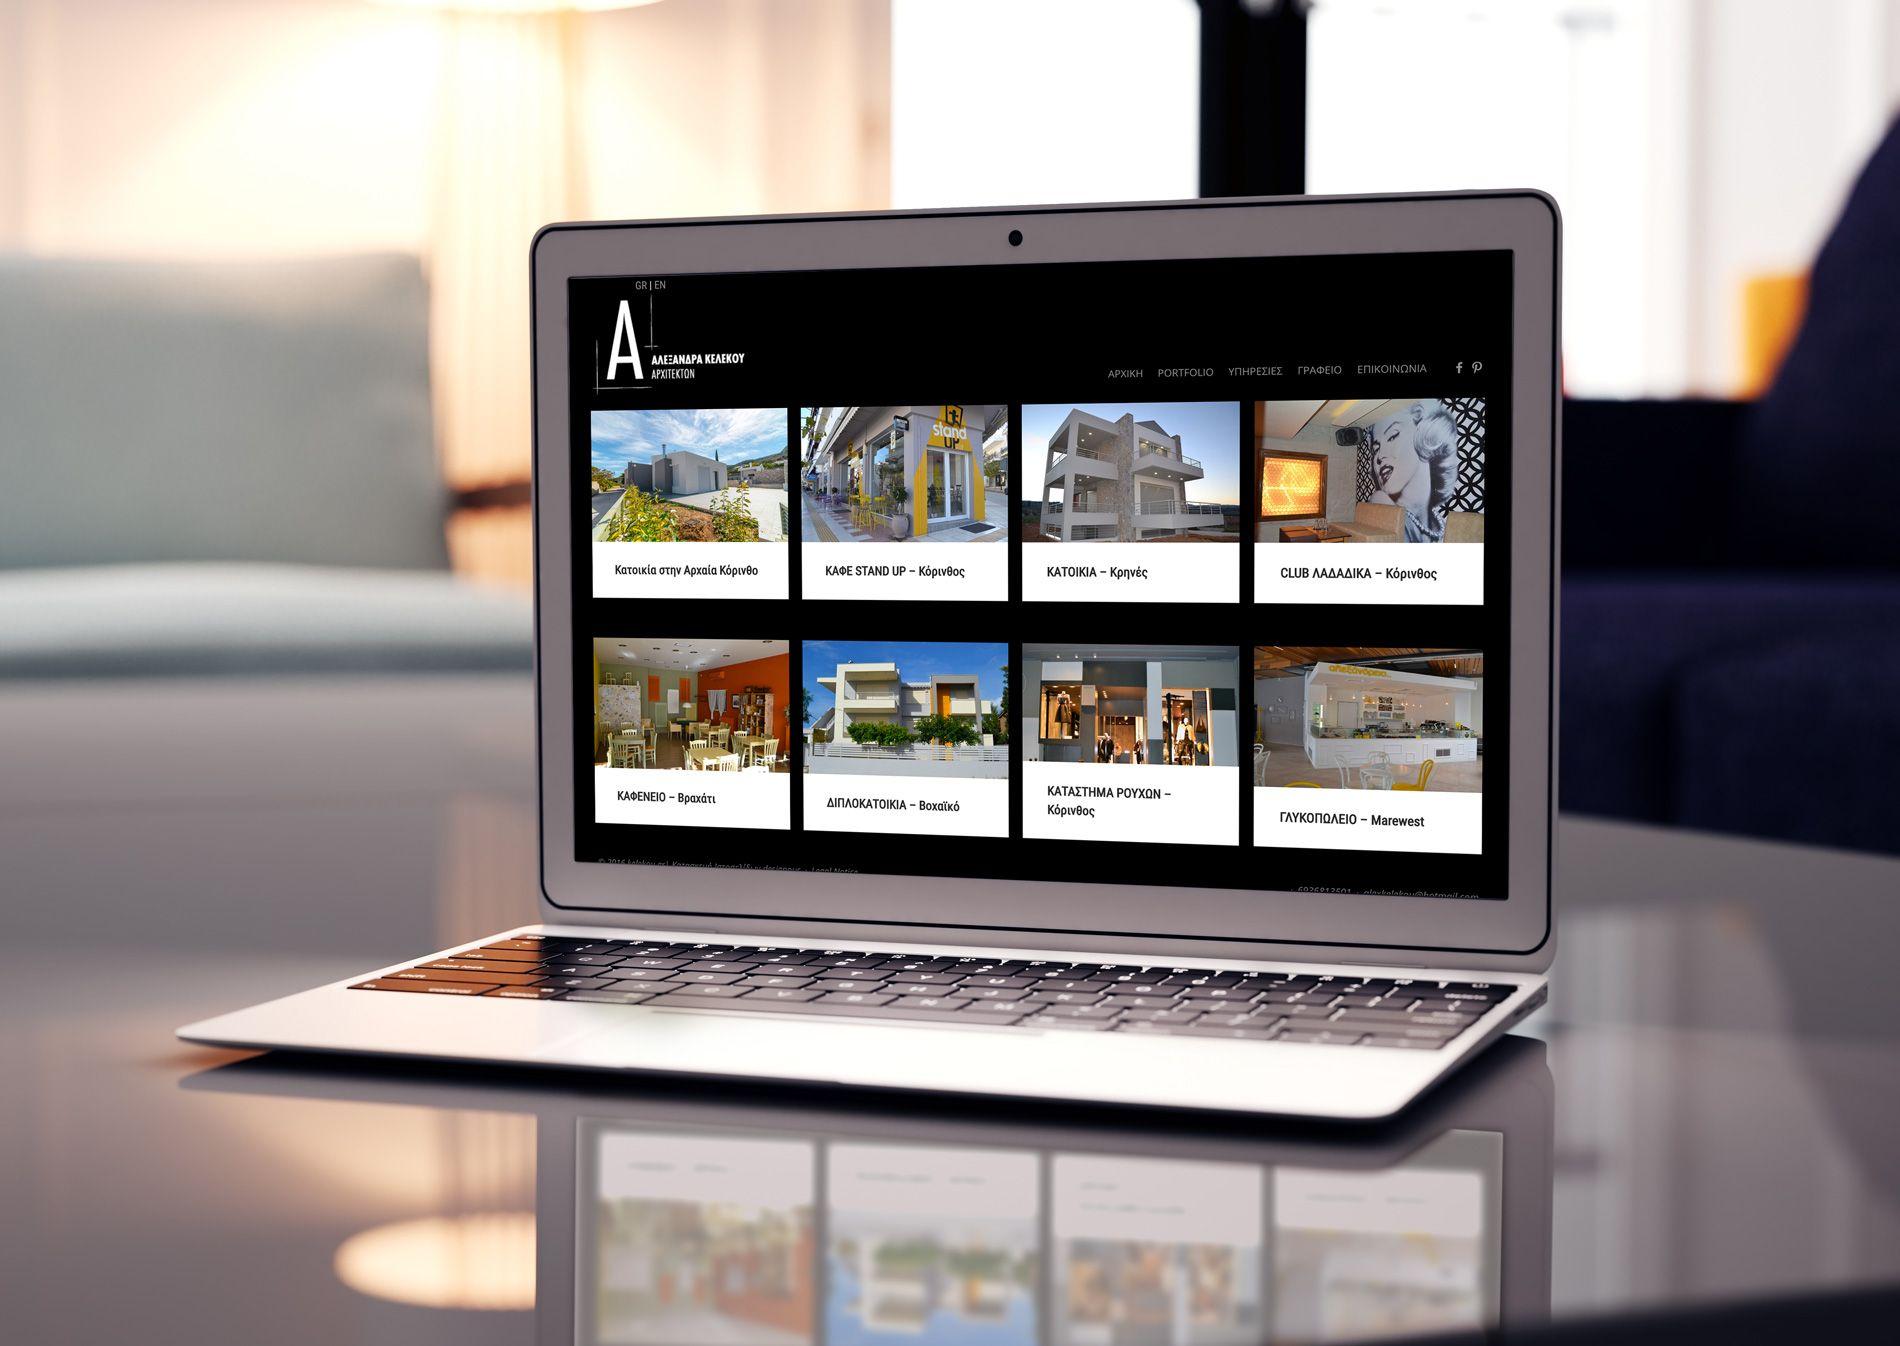 Ιστοσελίδα αρχιτεκτονικού γραφείου